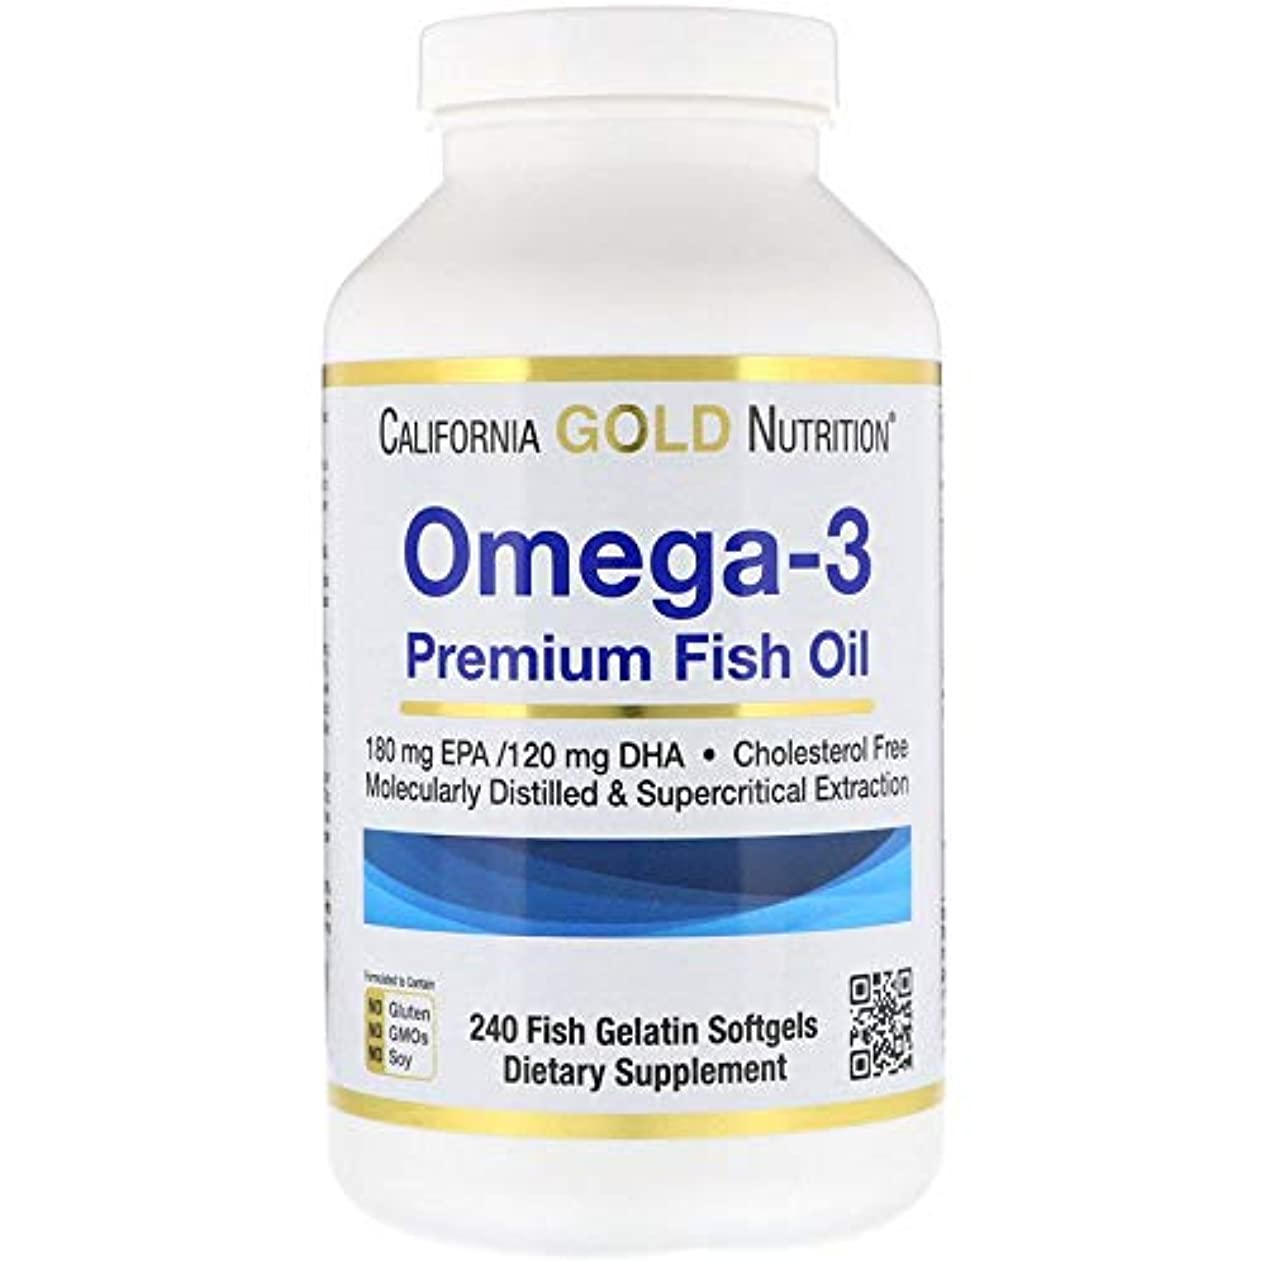 区画求人郵便物California Gold Nutrition Omega-3 Premium オメガ3 フィッシュオイル お買い得 240粒 X 2 パックFish Gelatin Softgels [並行輸入品] FjgH